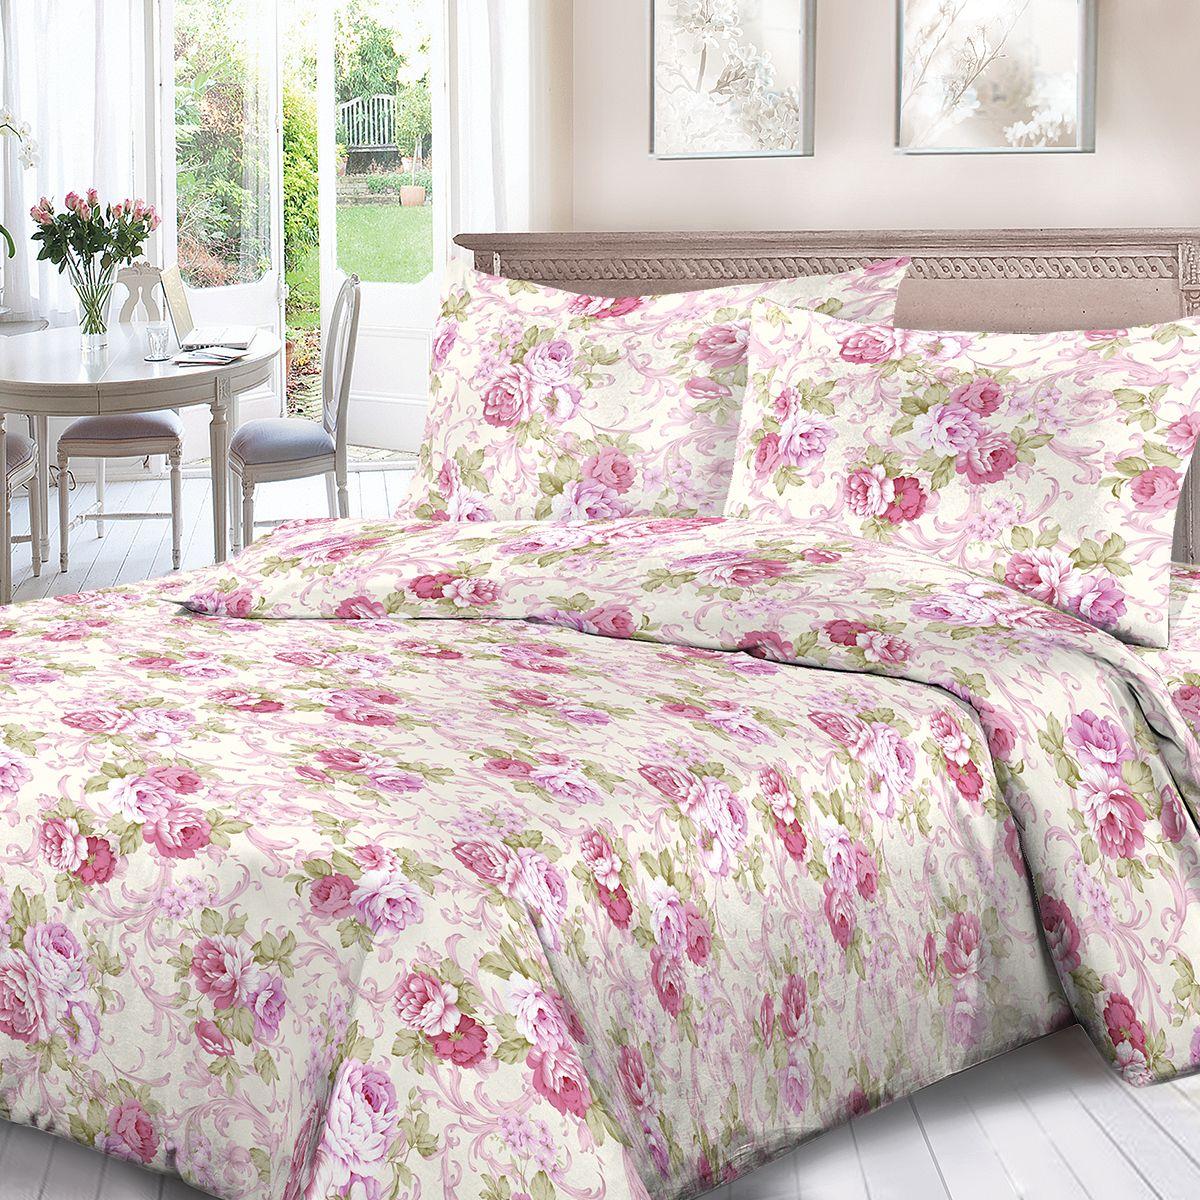 Комплект белья Для Снов Виктория, 1,5 спальное, наволочки 70x70, цвет: розовый. 1950-183137